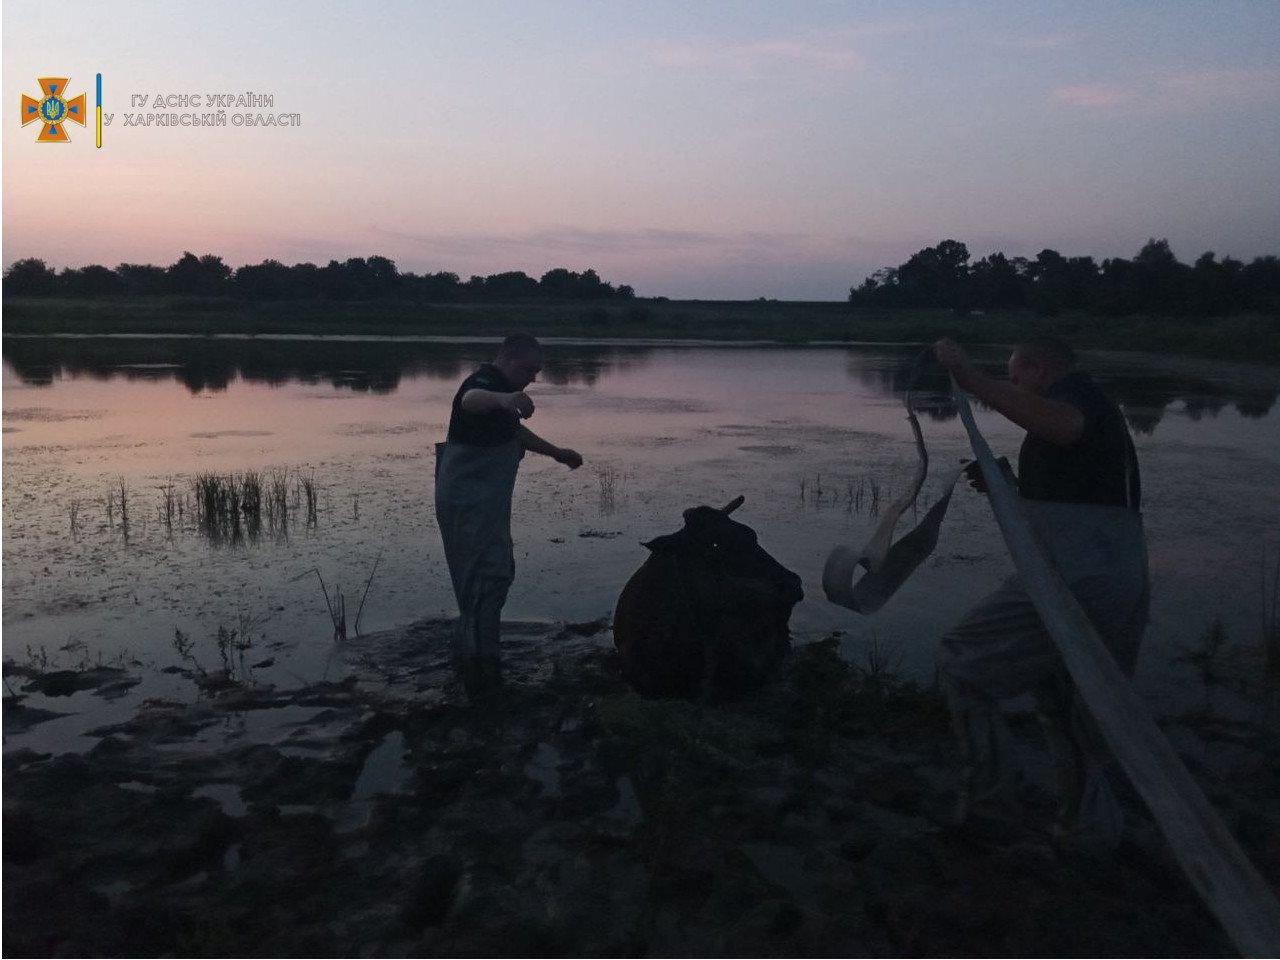 В Харьковской области спасатели доставали из пруда корову, - ФОТО, фото-1